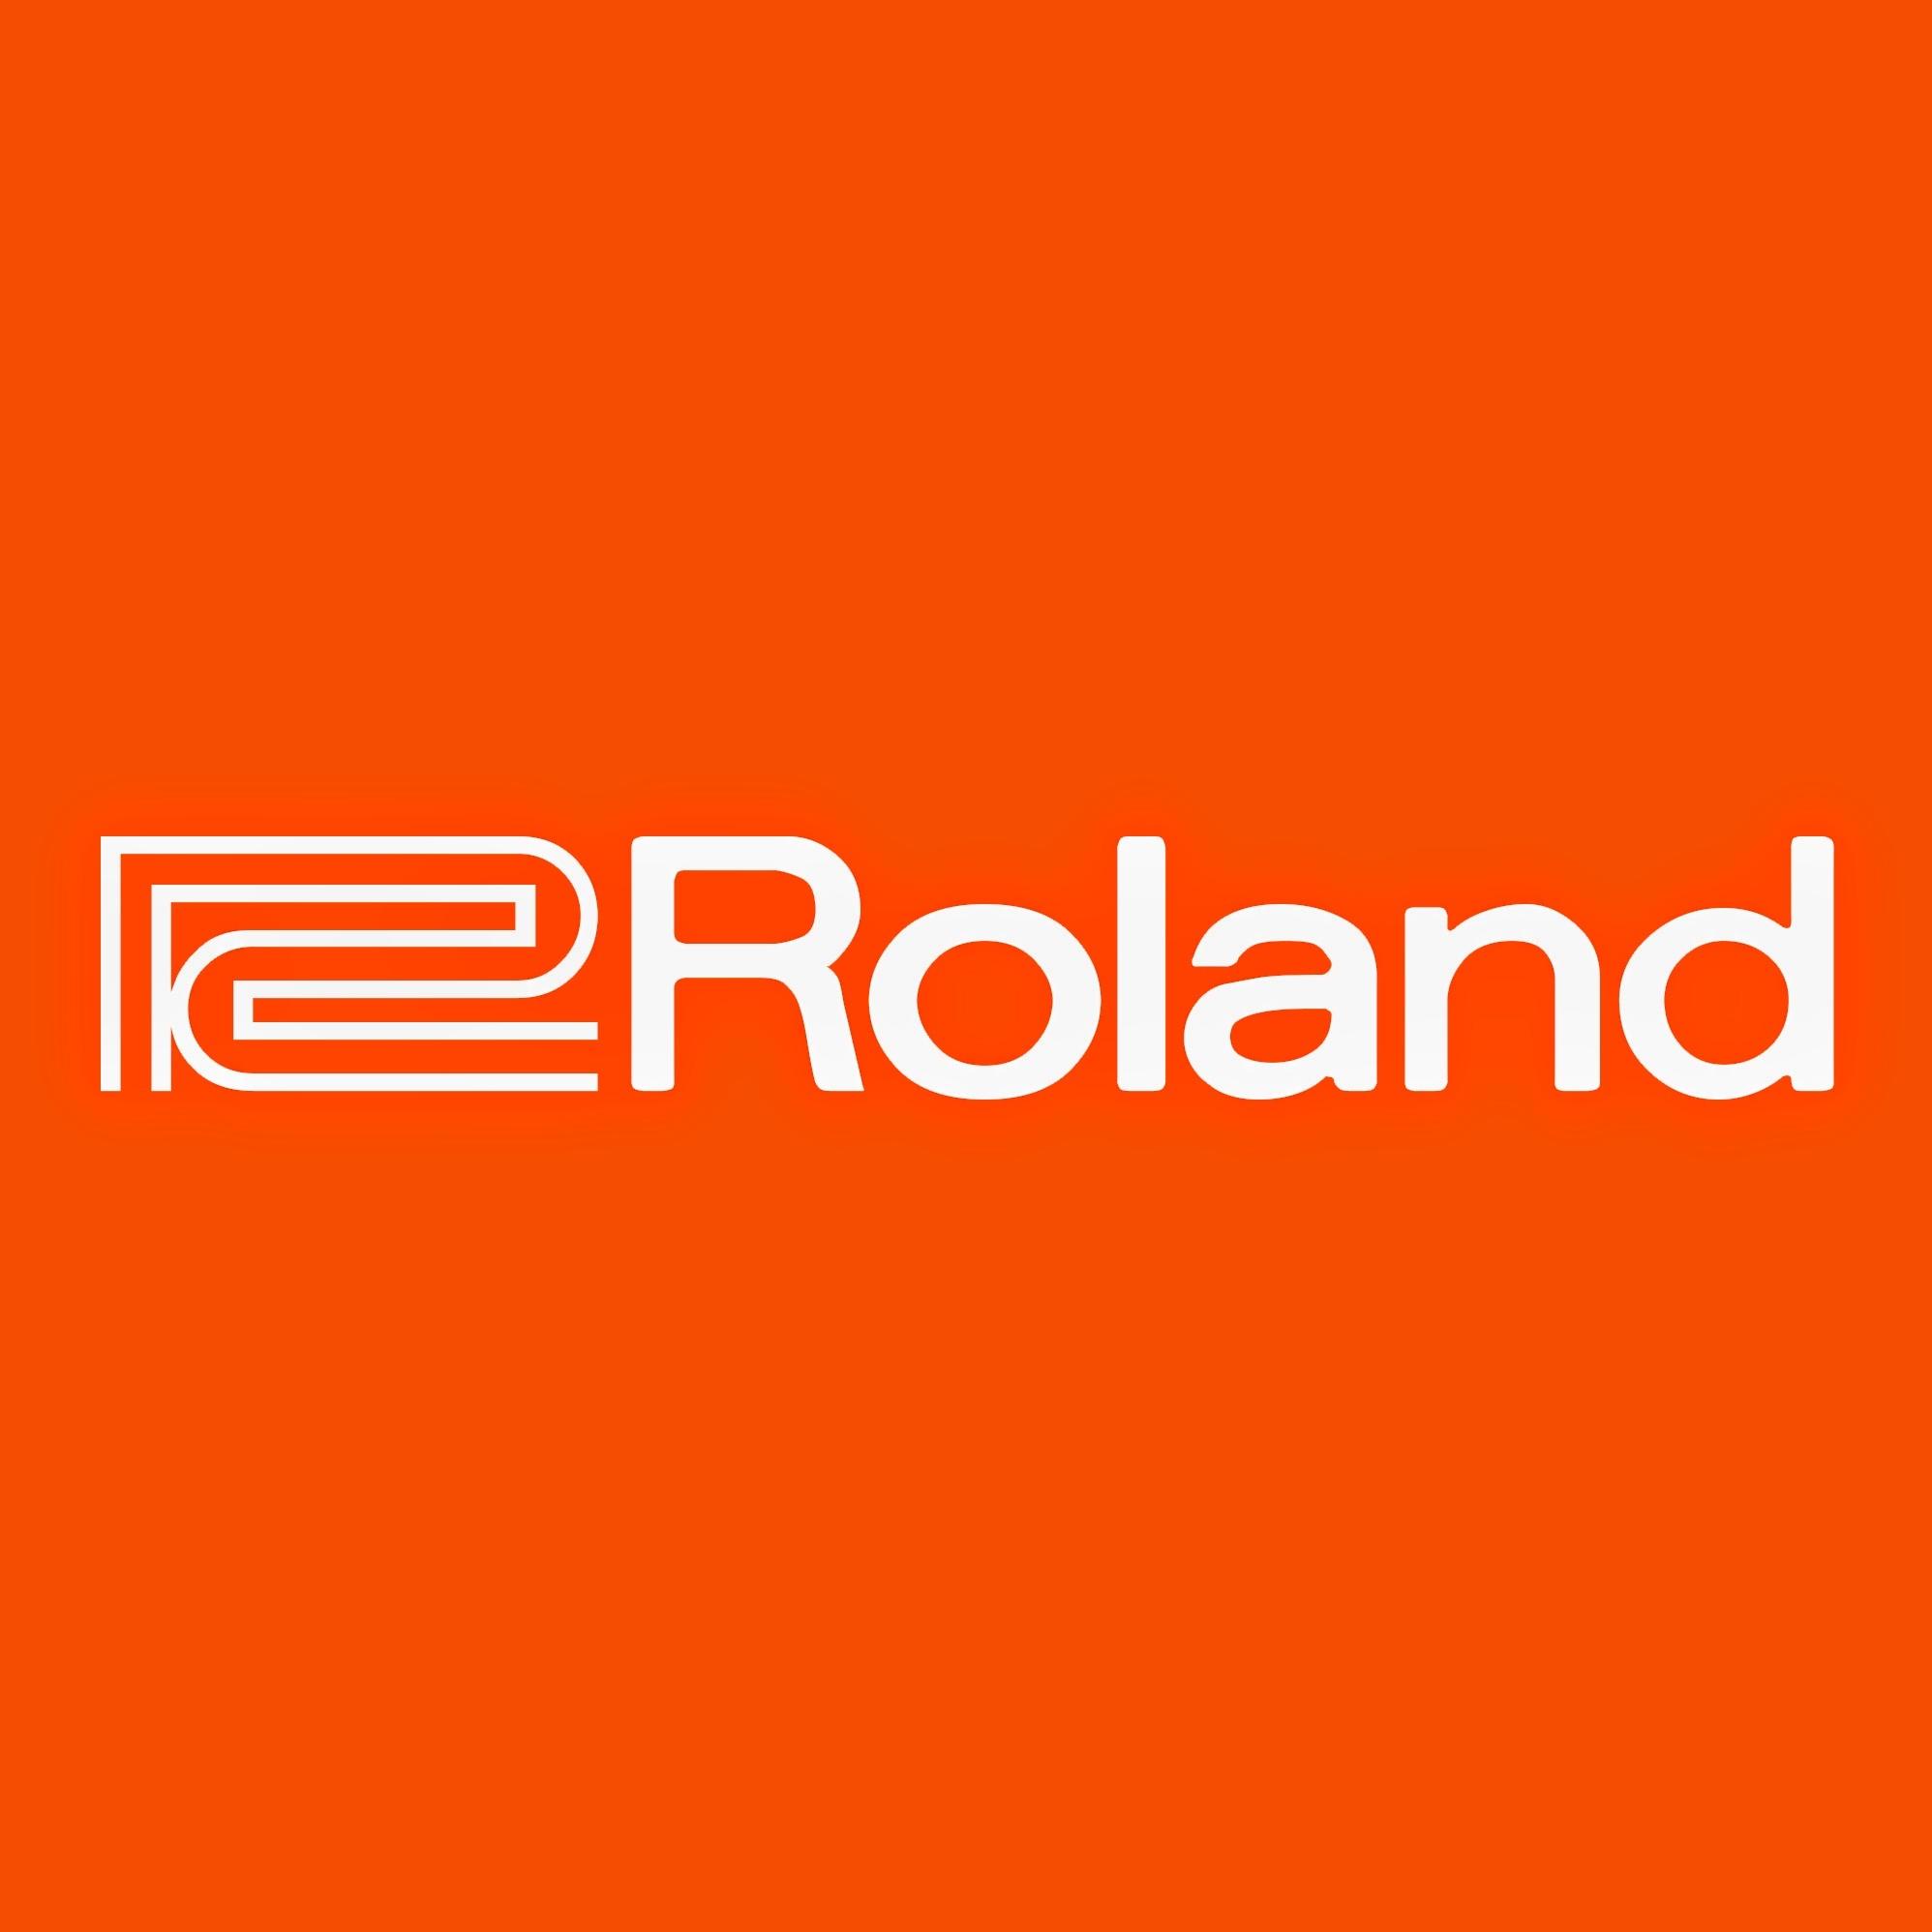 roland tr-rec logo